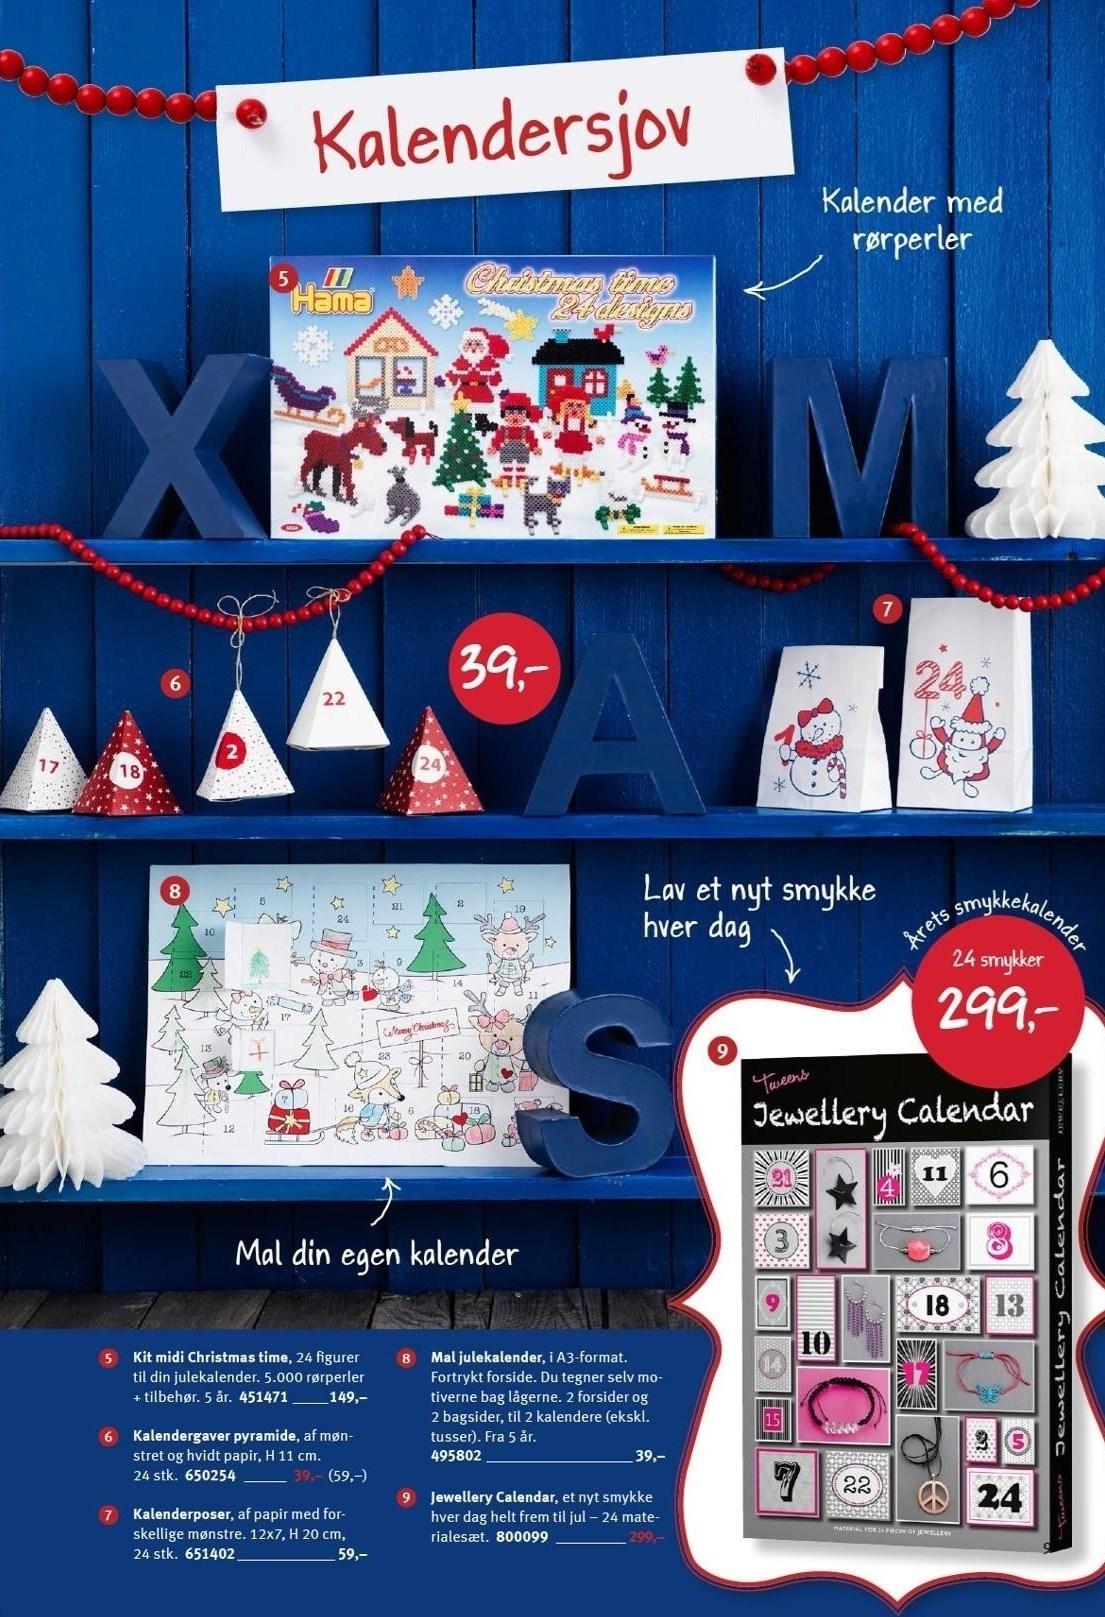 Kit midi Christmas time